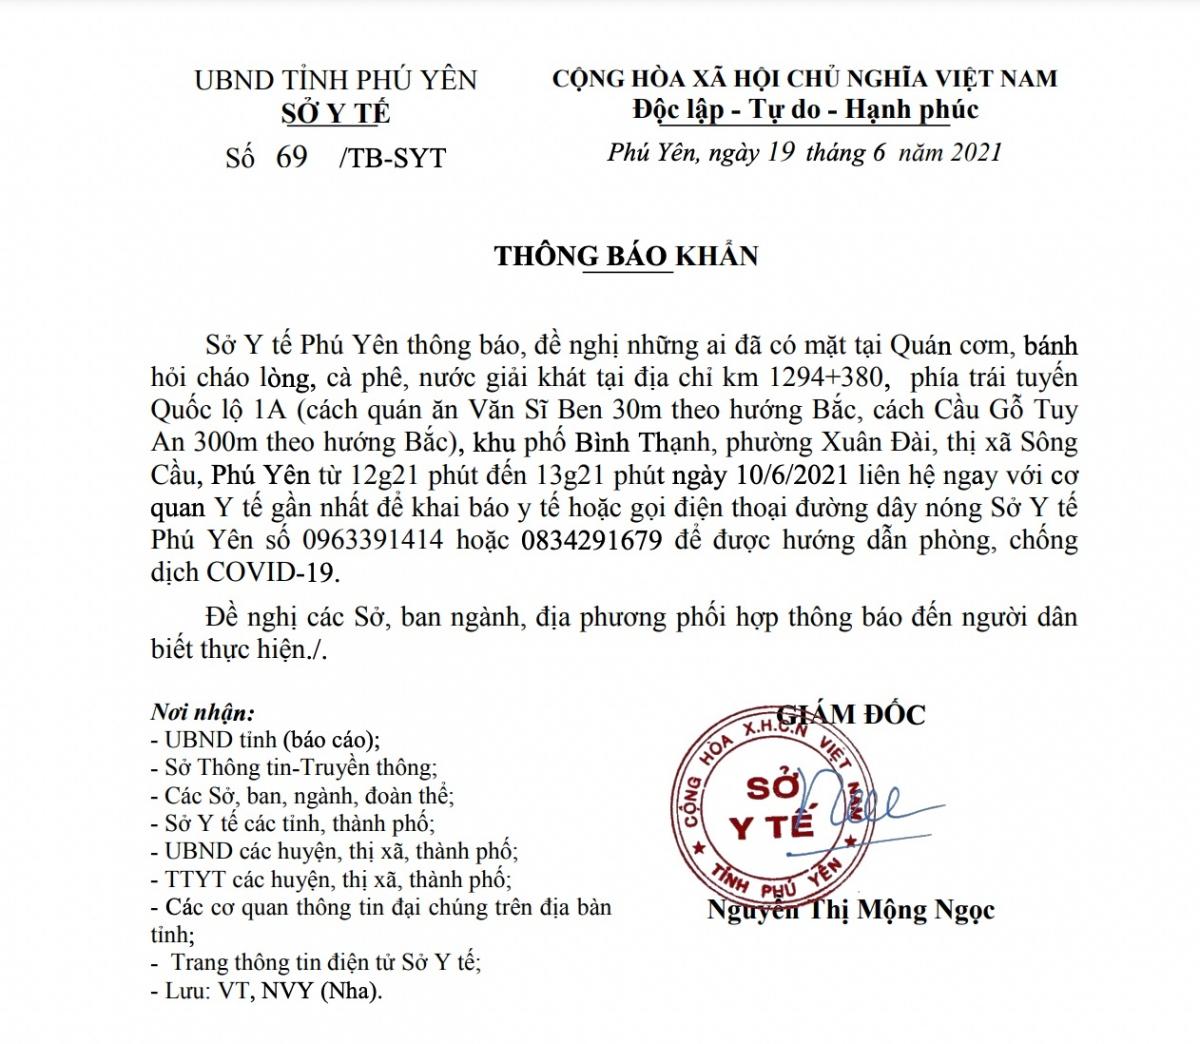 Công văn của Sở Y tế Phú Yên.